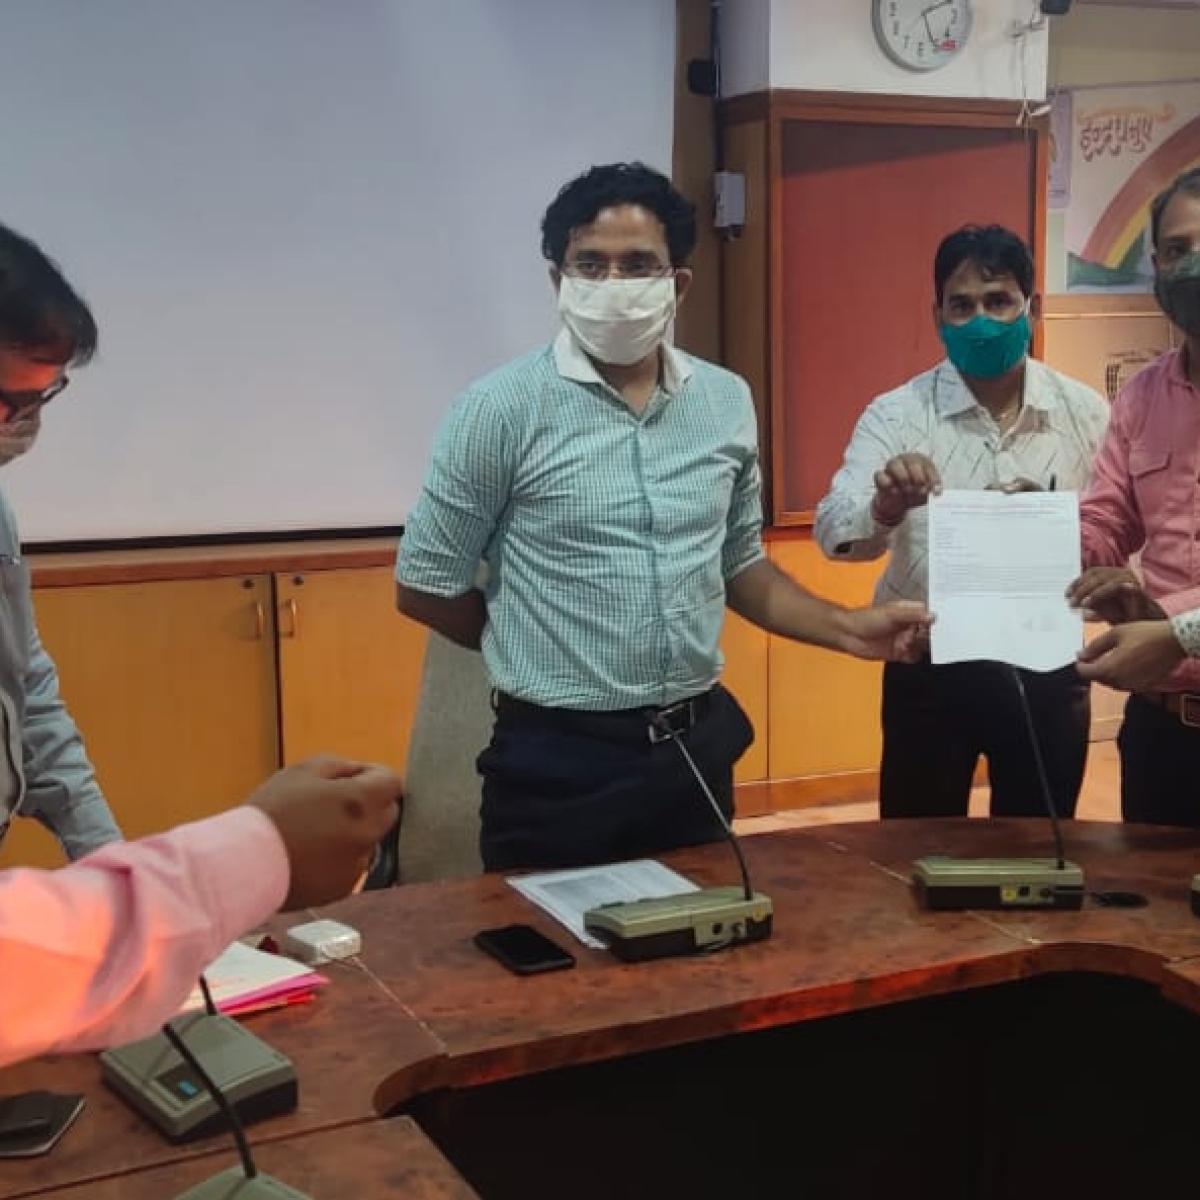 Indore: Private schools seek pending RTE fees